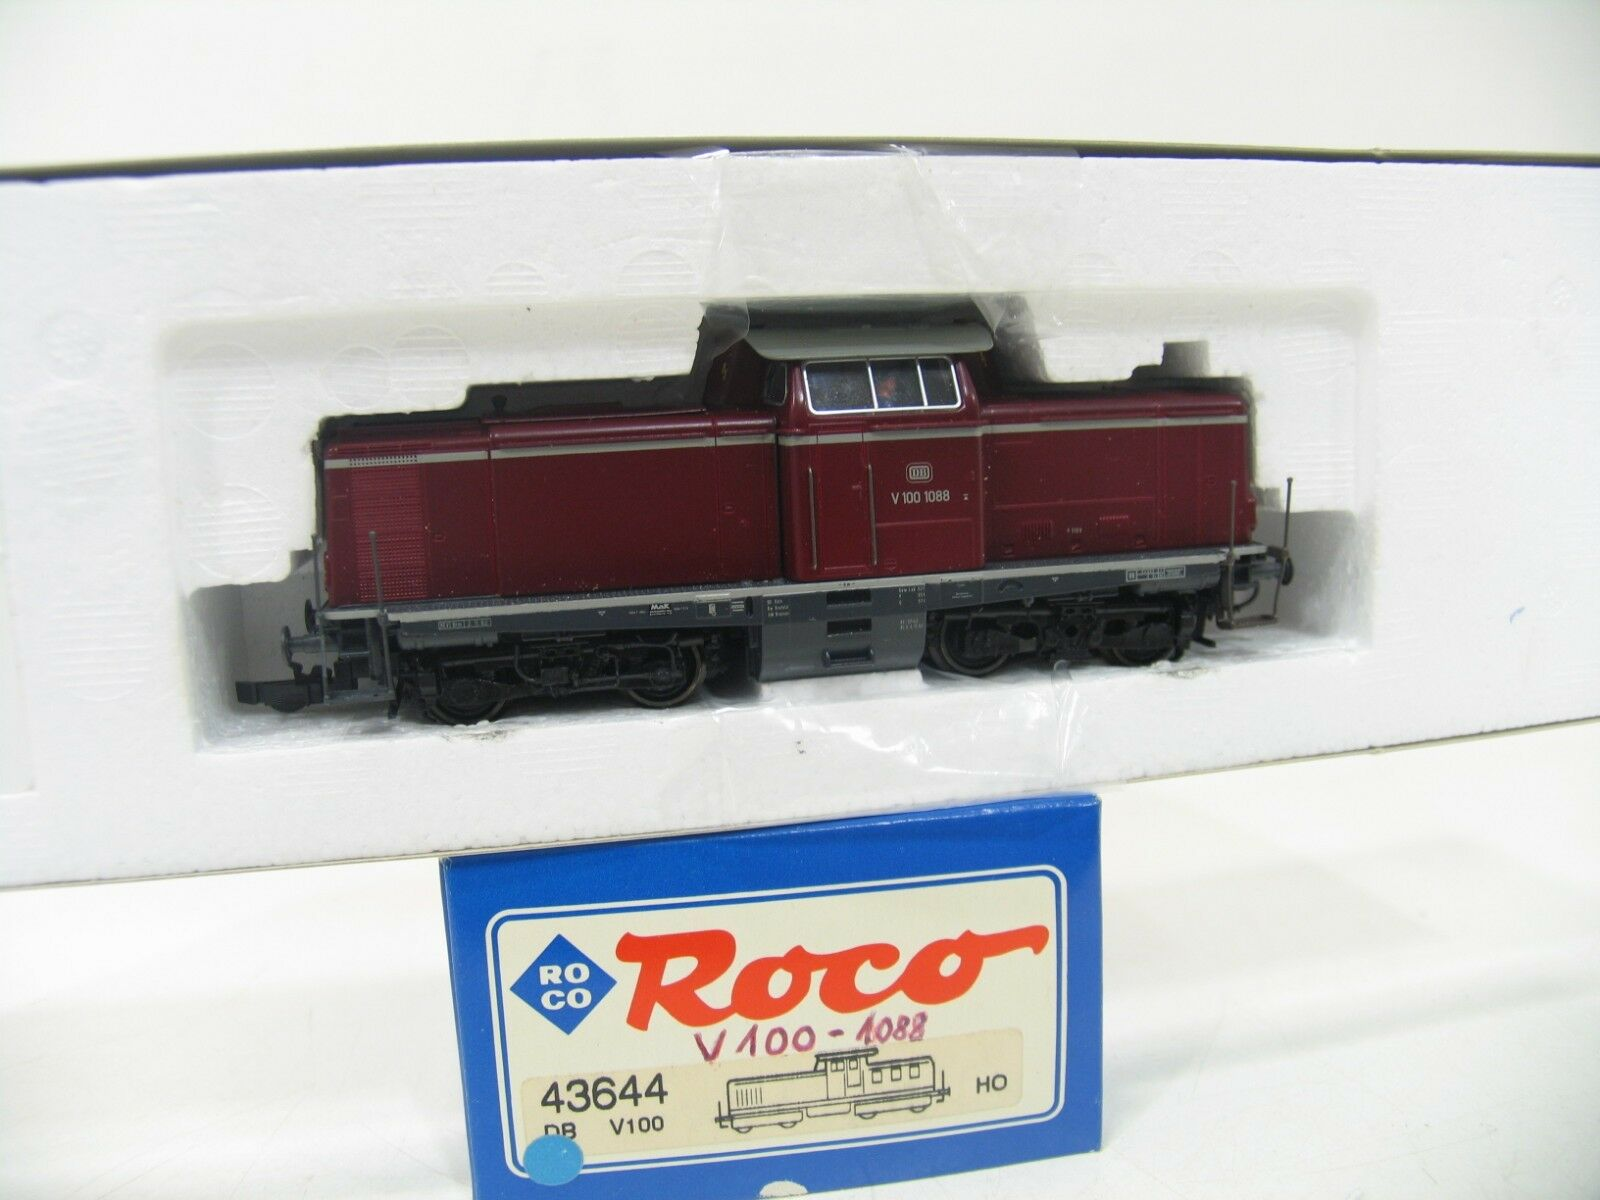 ROCO 43644 DIESEL V 100 1064 rosso della DB wm156